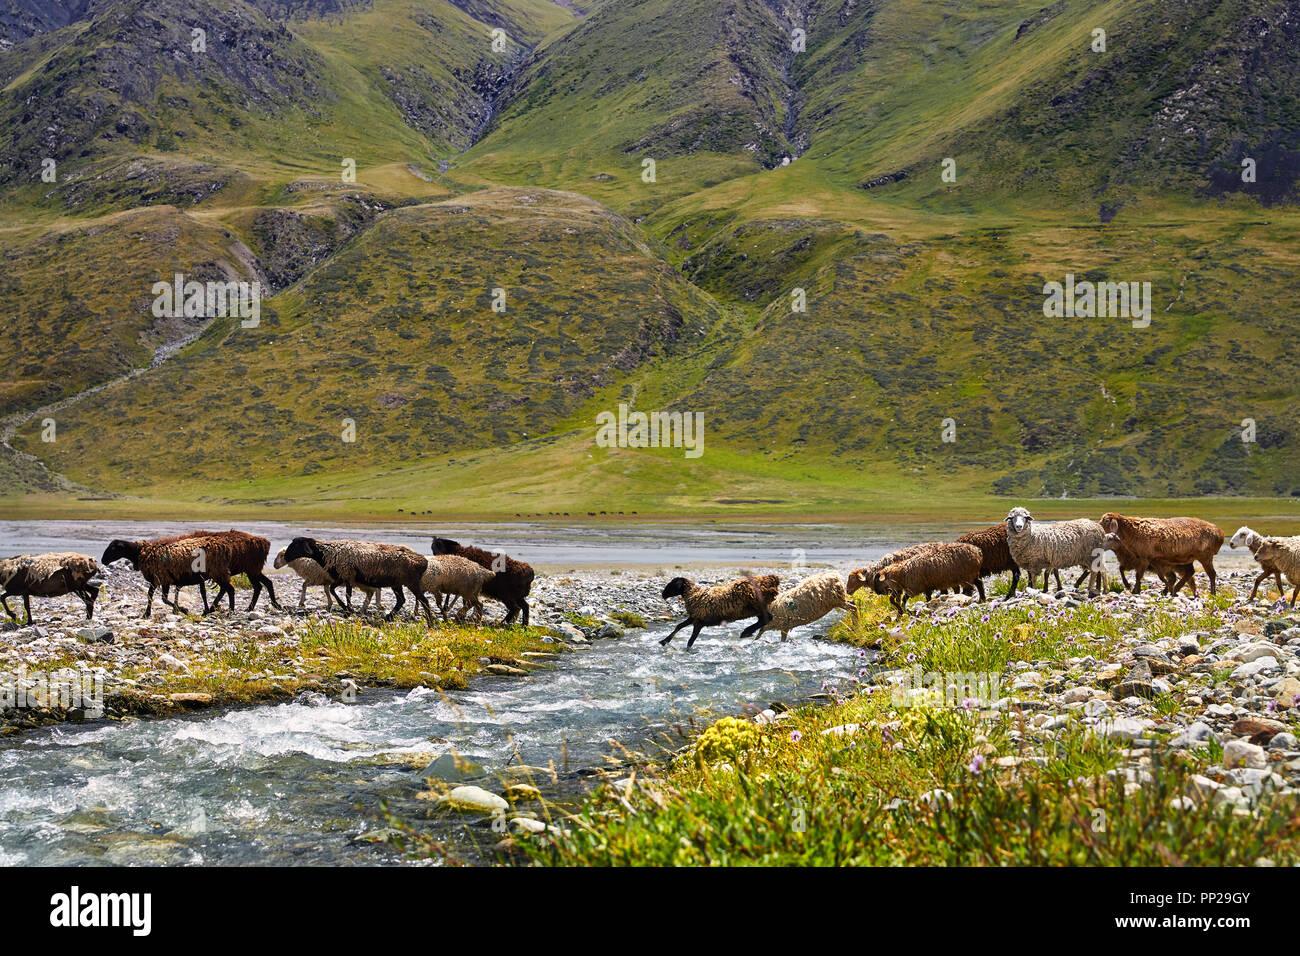 Allevamento di pecore che attraversano il fiume nella valle di montagna del Kirghizistan, in Asia centrale Immagini Stock